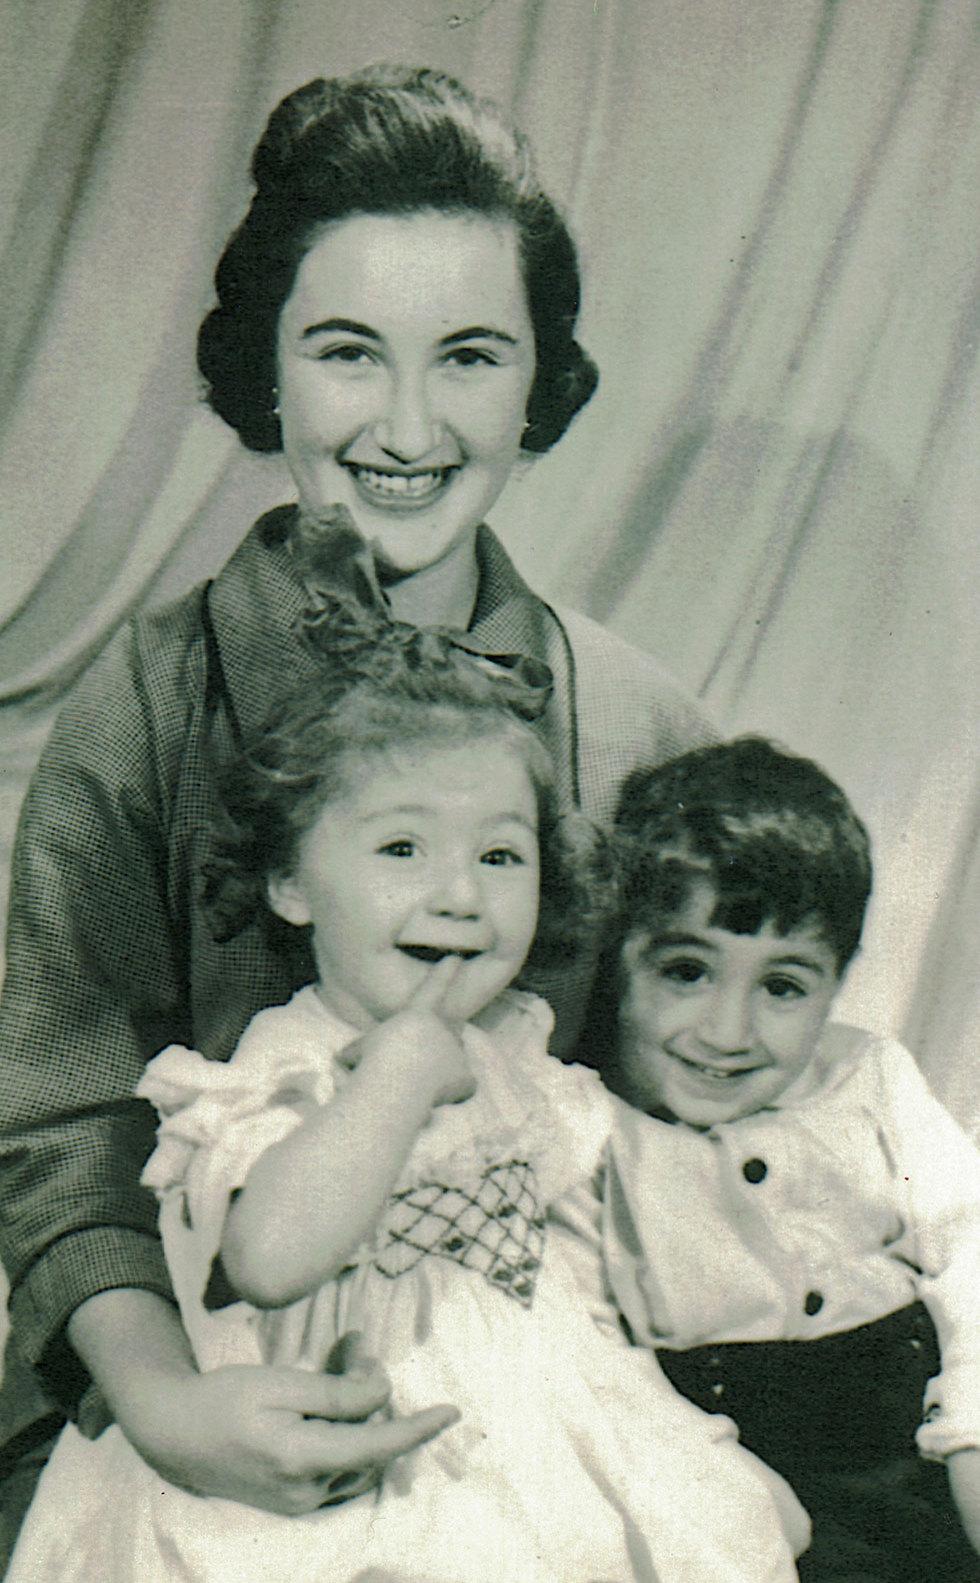 ליליאן מוס עם הילדים אנדרו ומישל, שנות ה-50 בלונדון (באדיבות yes דוקו) (באדיבות yes דוקו)